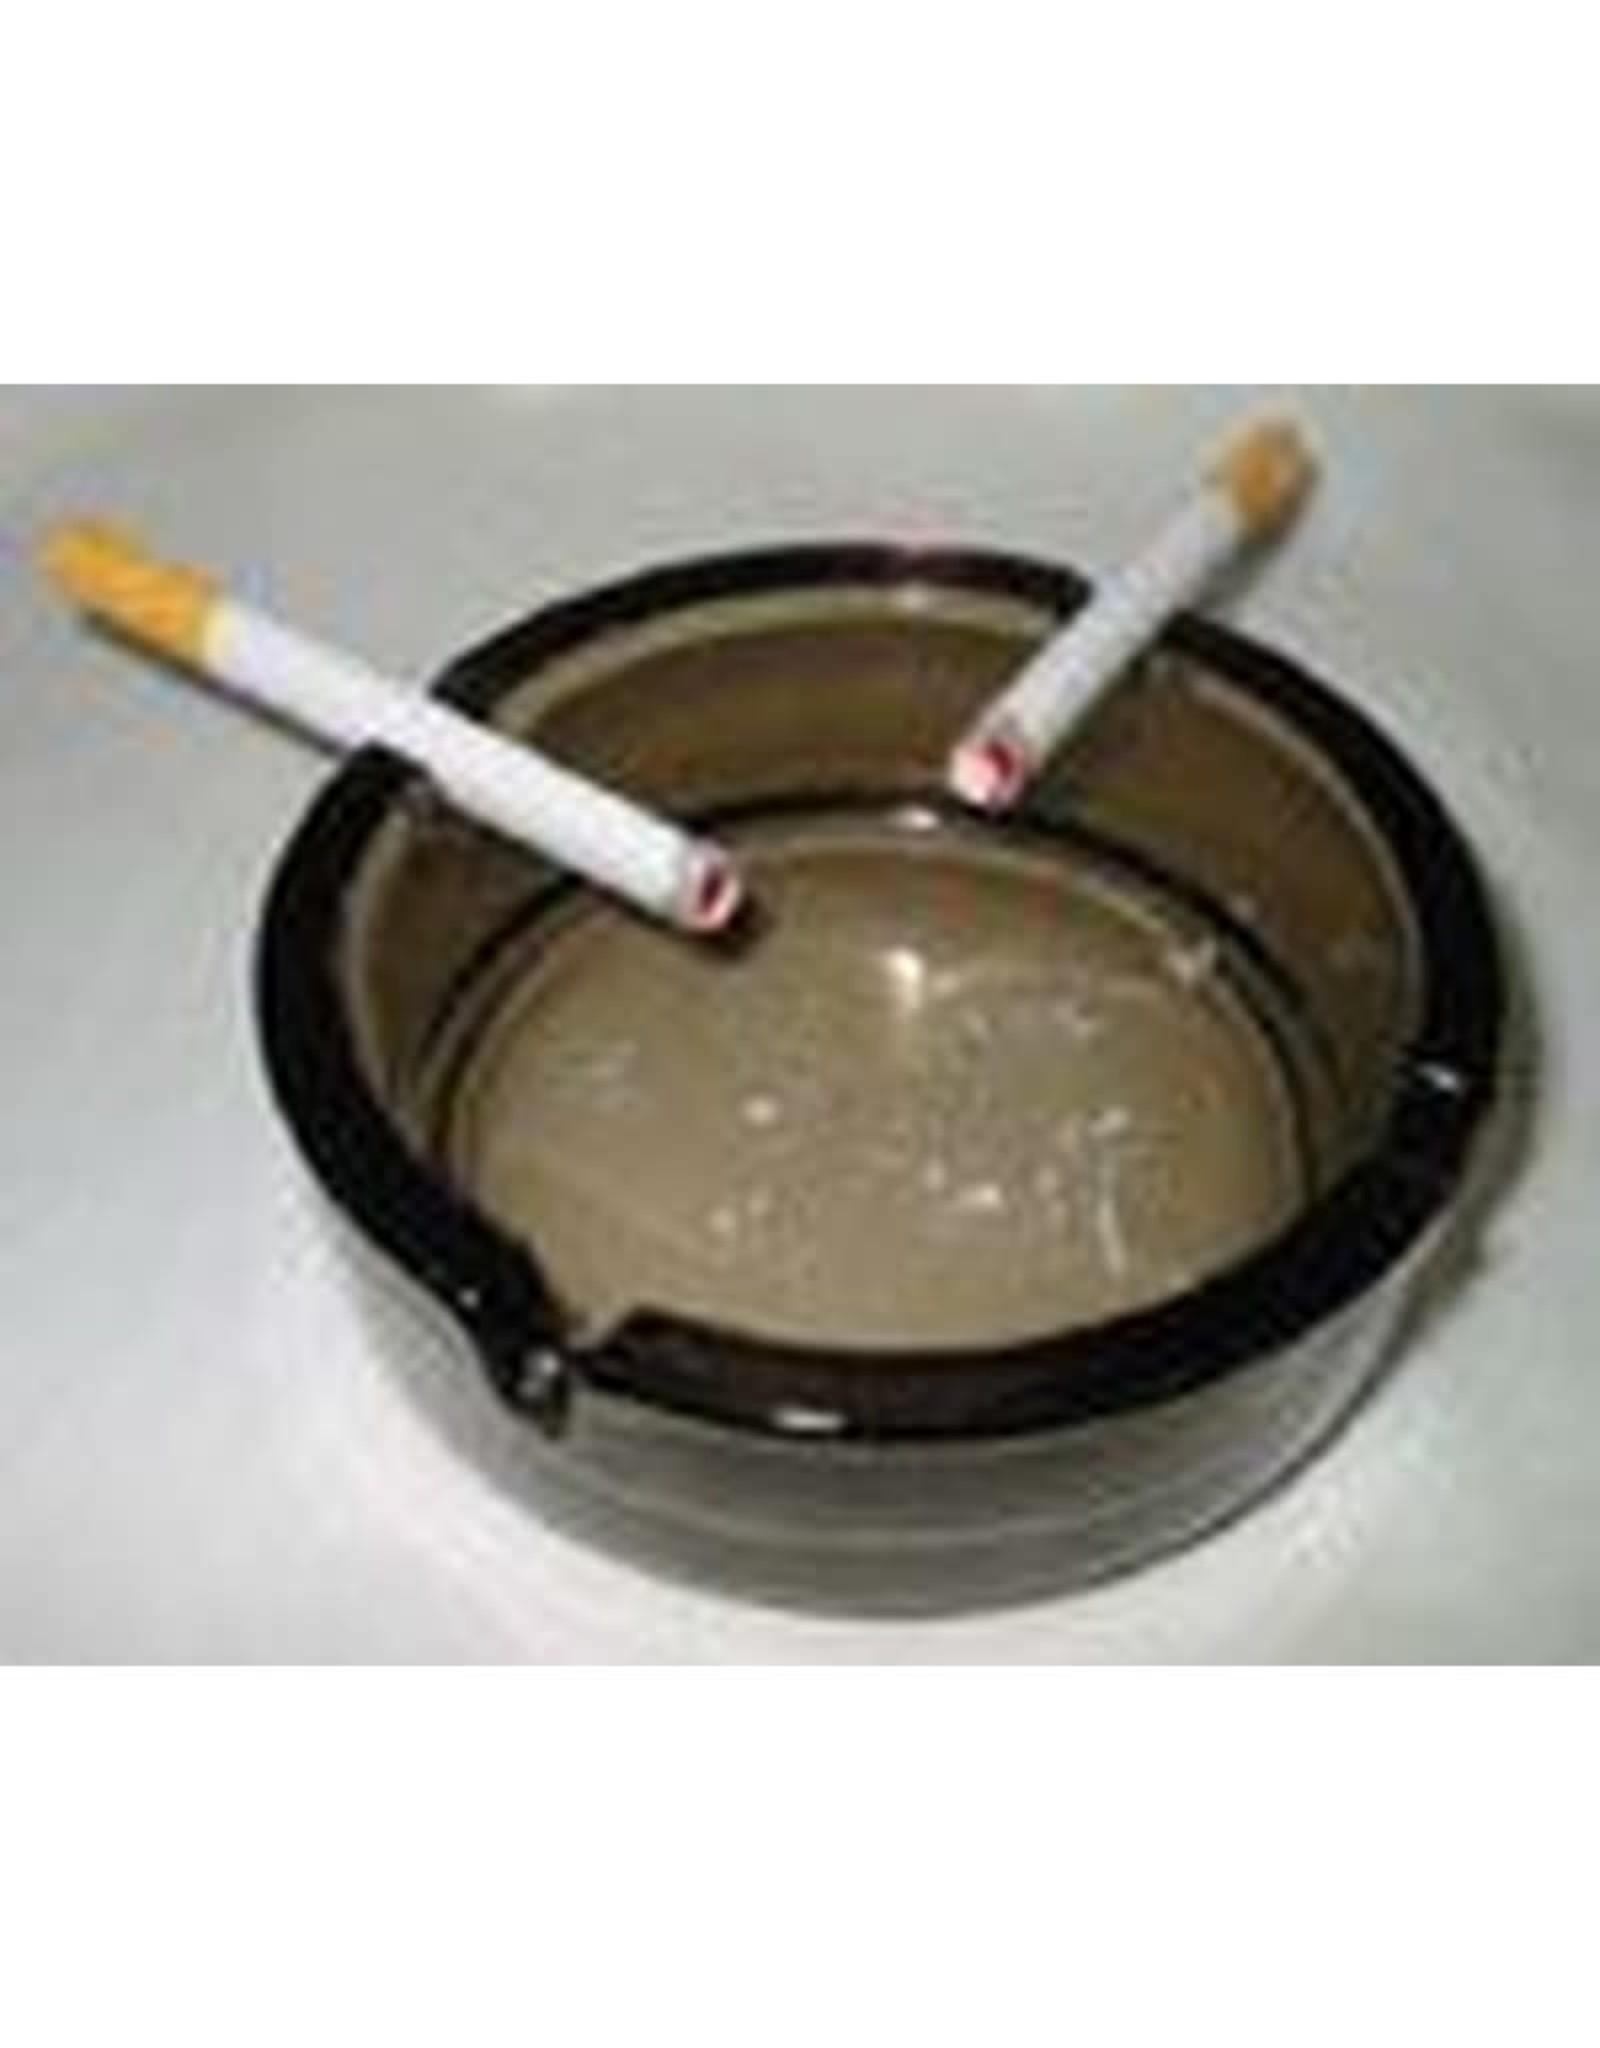 ESPA nep cigaretten